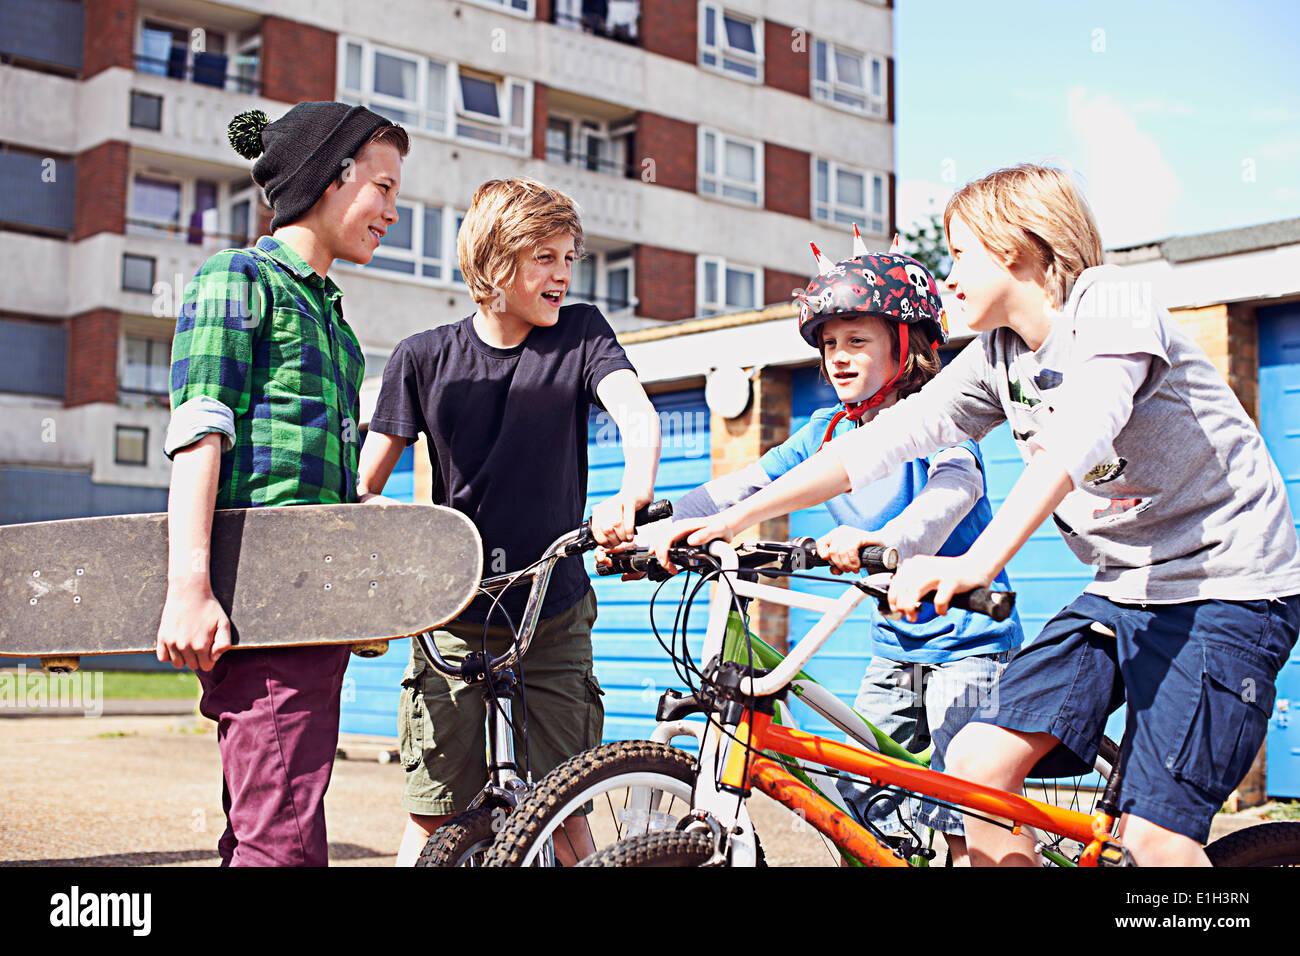 Un gruppo di ragazzi a parlare con le biciclette e skateboard Foto Stock